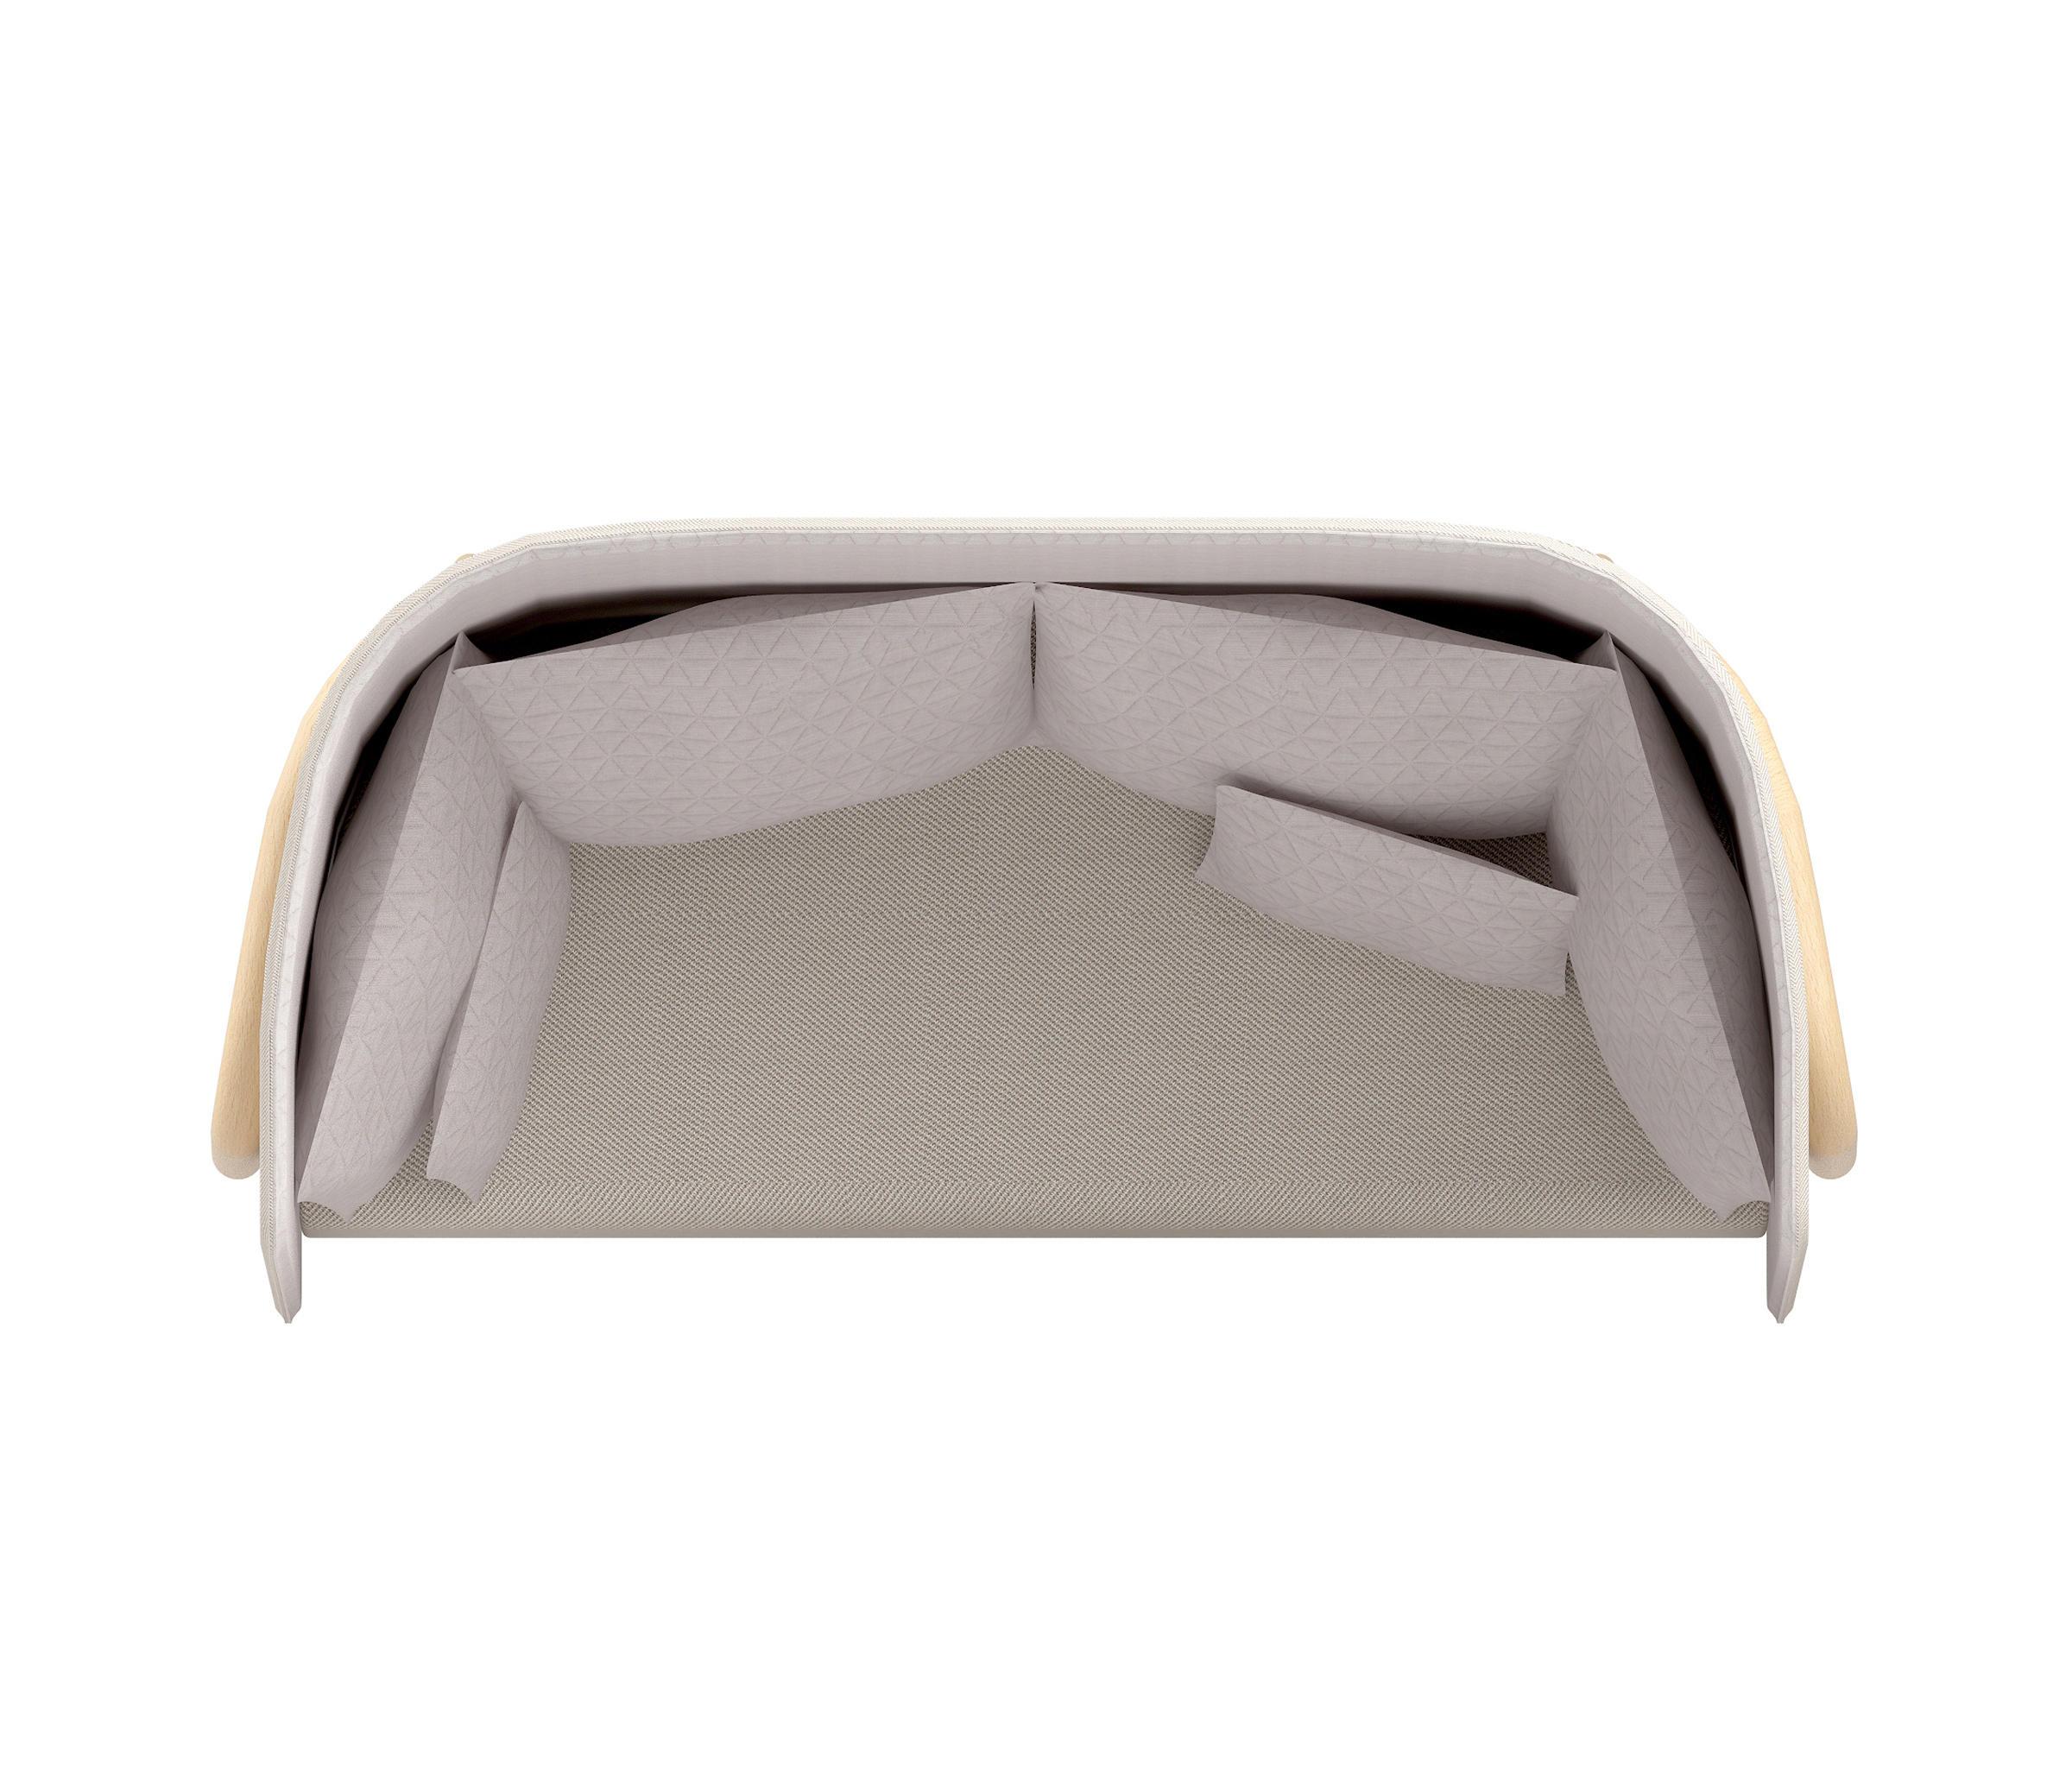 Beech Private Bench High Muebles De Recogimiento De Dum Architonic # Muebles De Oficina Wagner